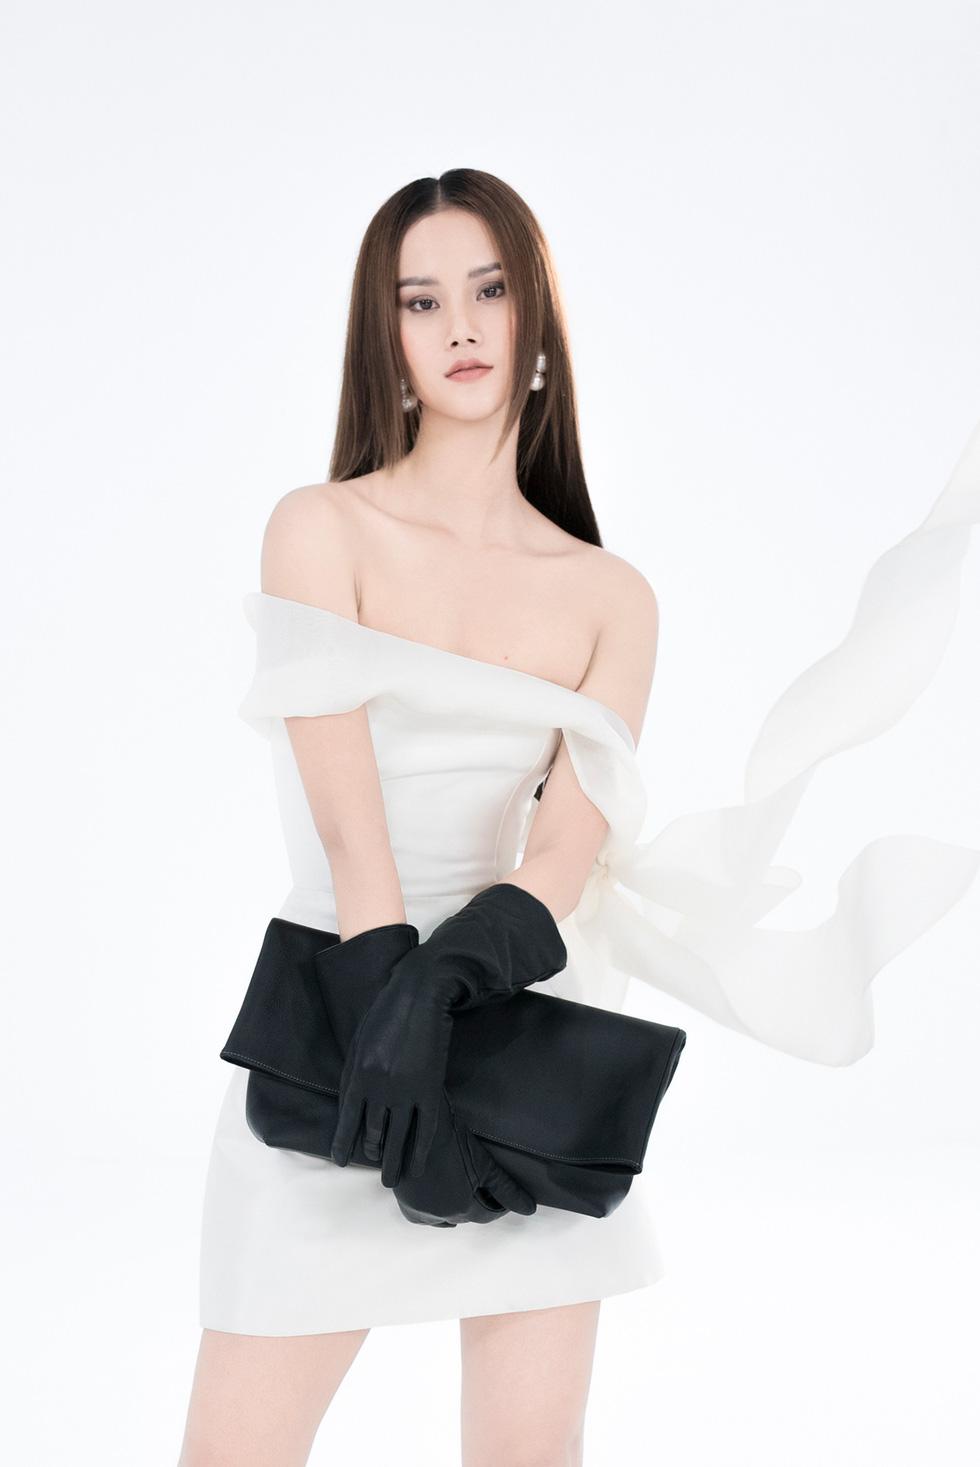 Trần Hùng công bố bộ sưu tập ấn tượng La Muse đến London Fashion Week - Ảnh 10.